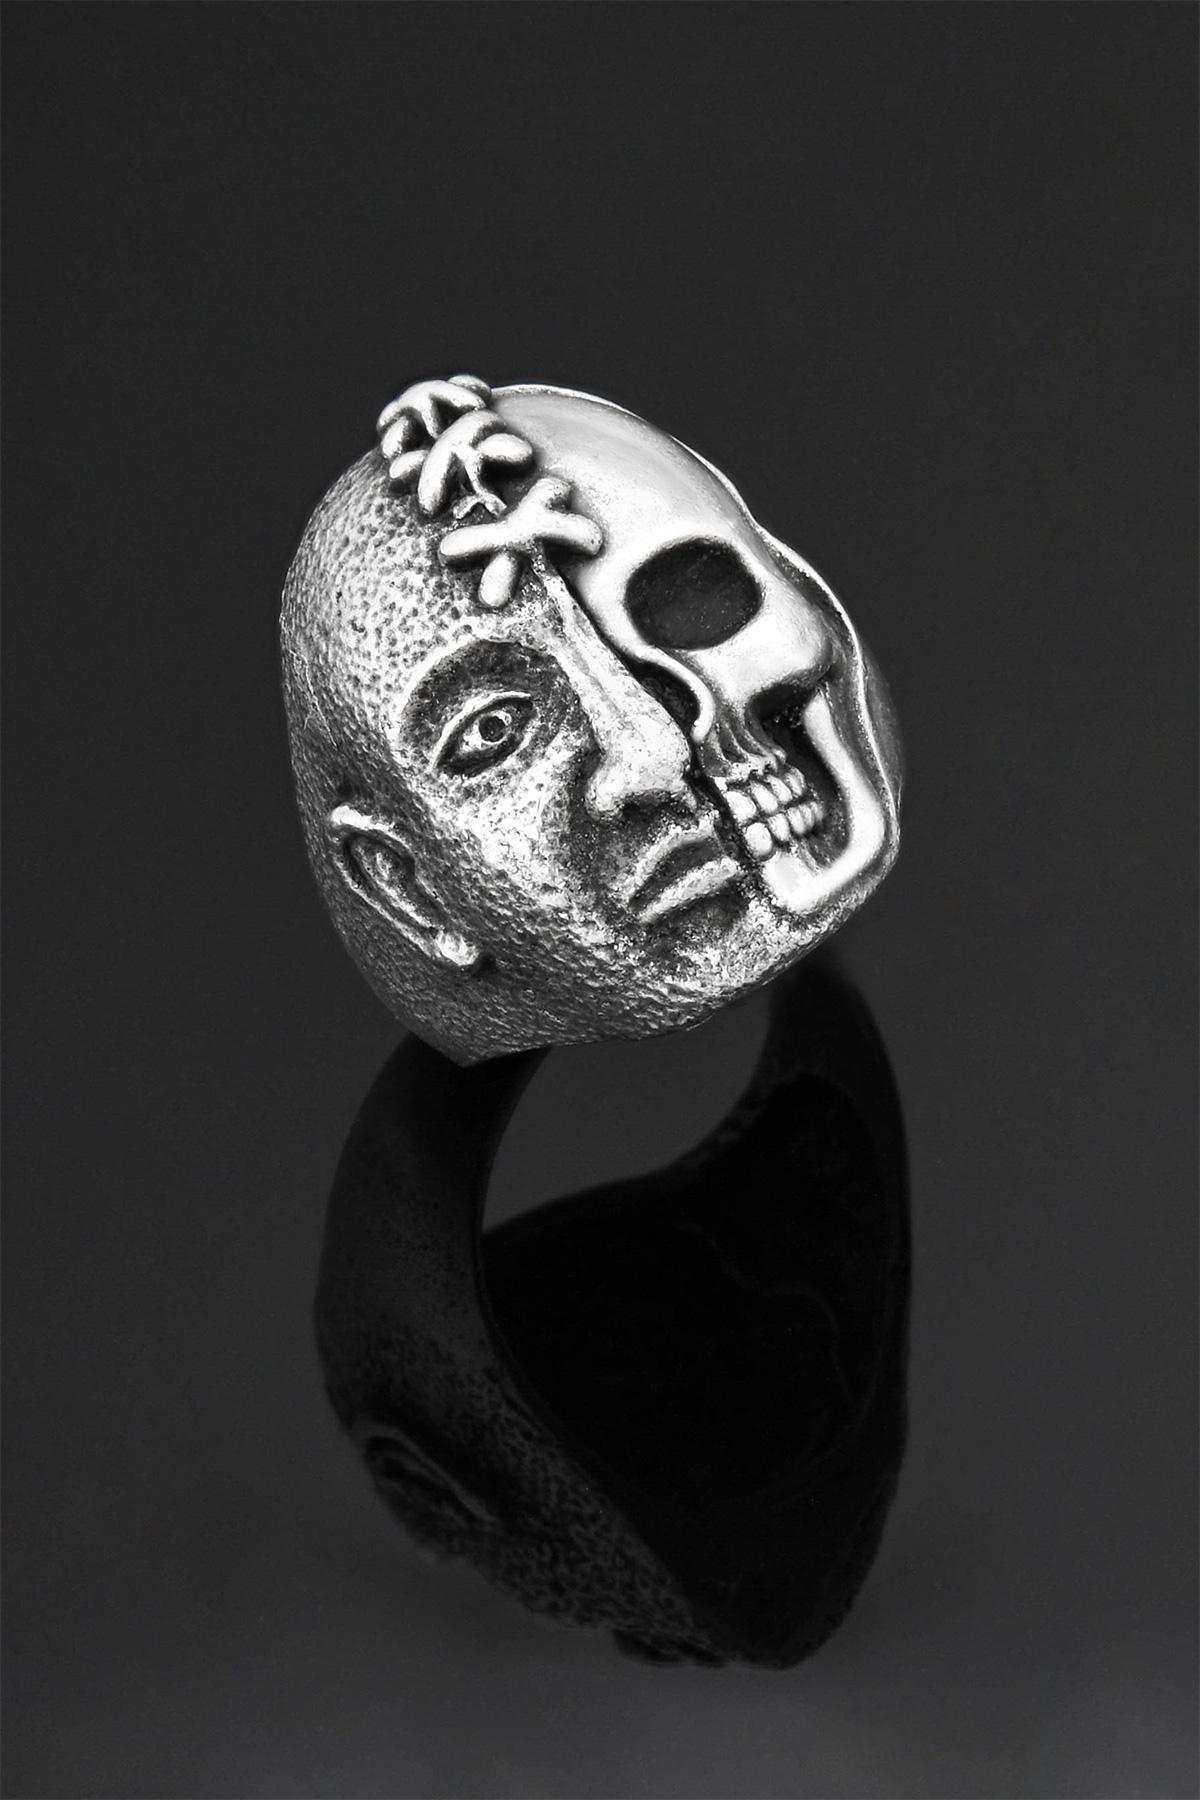 İki Yüzlü Hayalet Kuru Kafa Yaralı Yüz Ayarlanabilir Erkek Yüzük - YÜZ0003